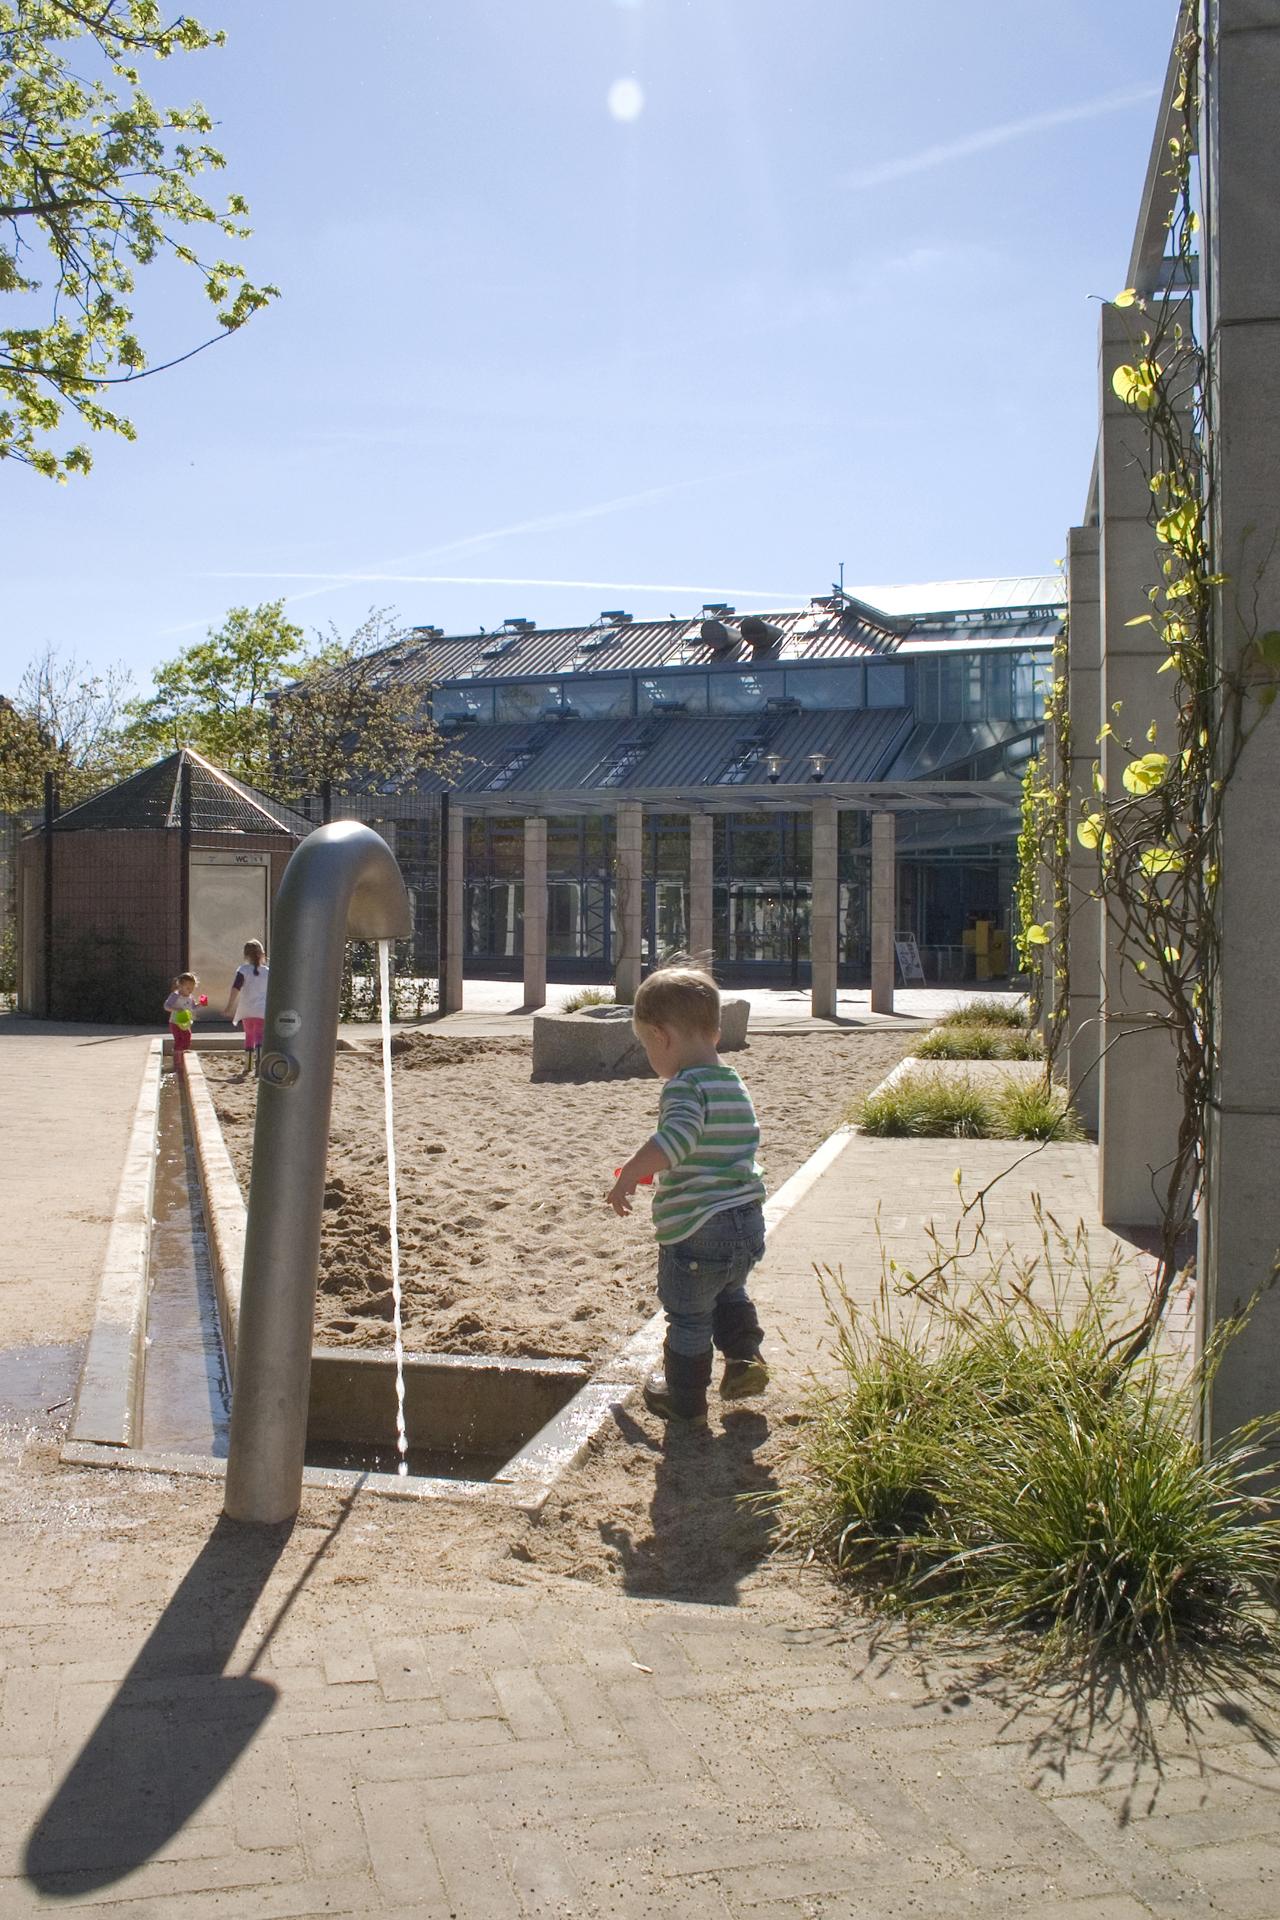 03 Leichlingen - Sand- und Wasserspielplatz